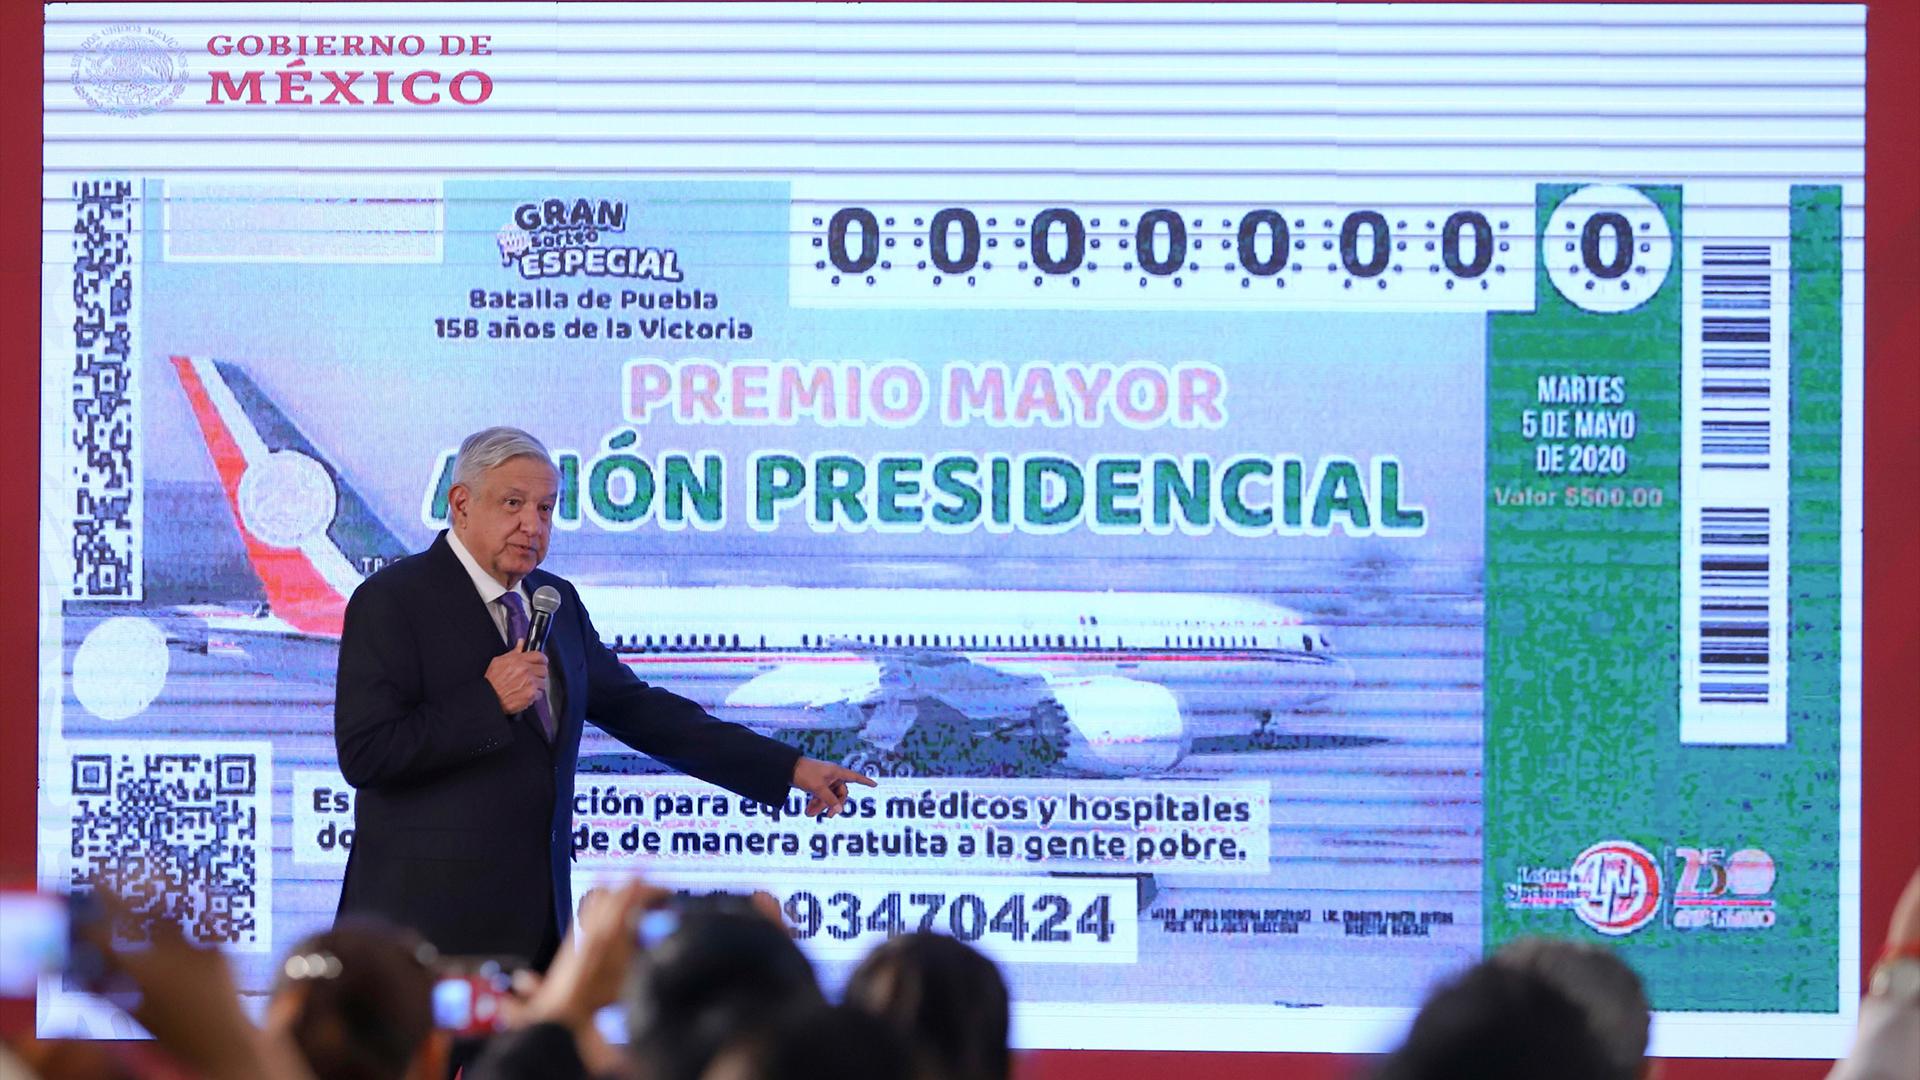 El presidente Andrés Manuel López Obrador, durante sesión de preguntas y respuestas en su conferencia matutina del día de hoy. Ciudad de México, 28 de enero de 2020. Foto de Notimex-Gustavo Durán.